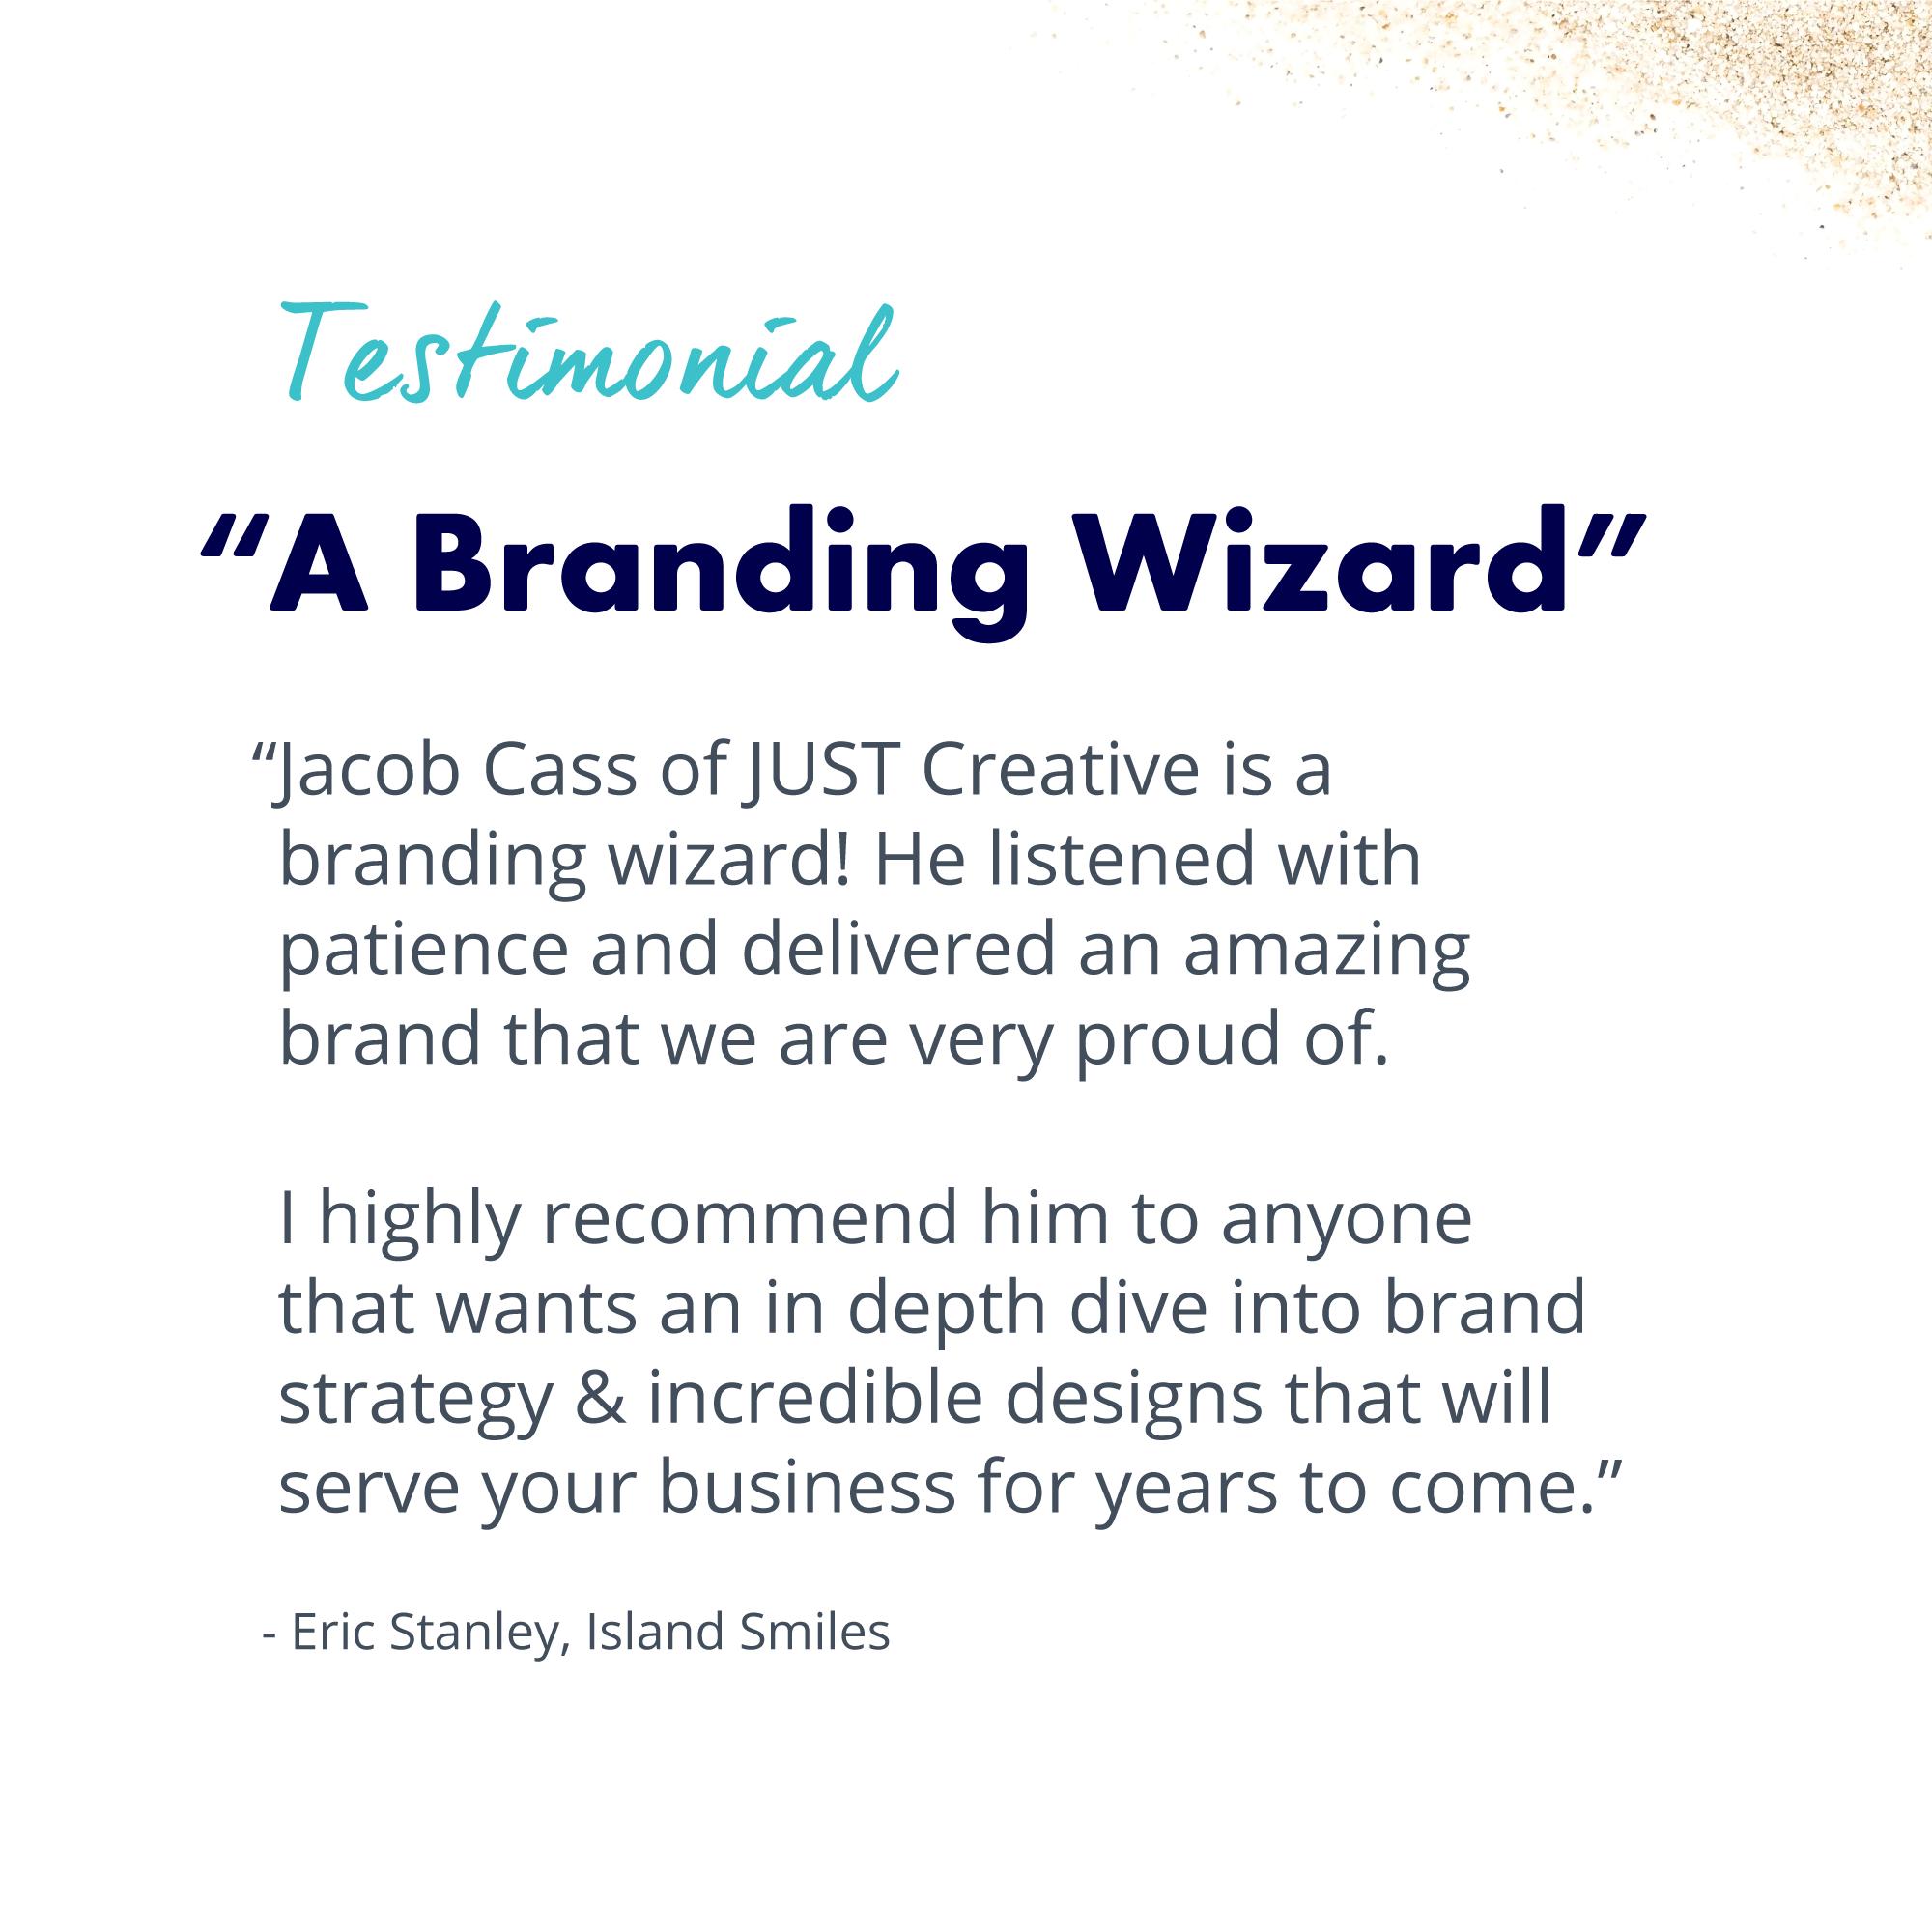 Testimonial for Branding